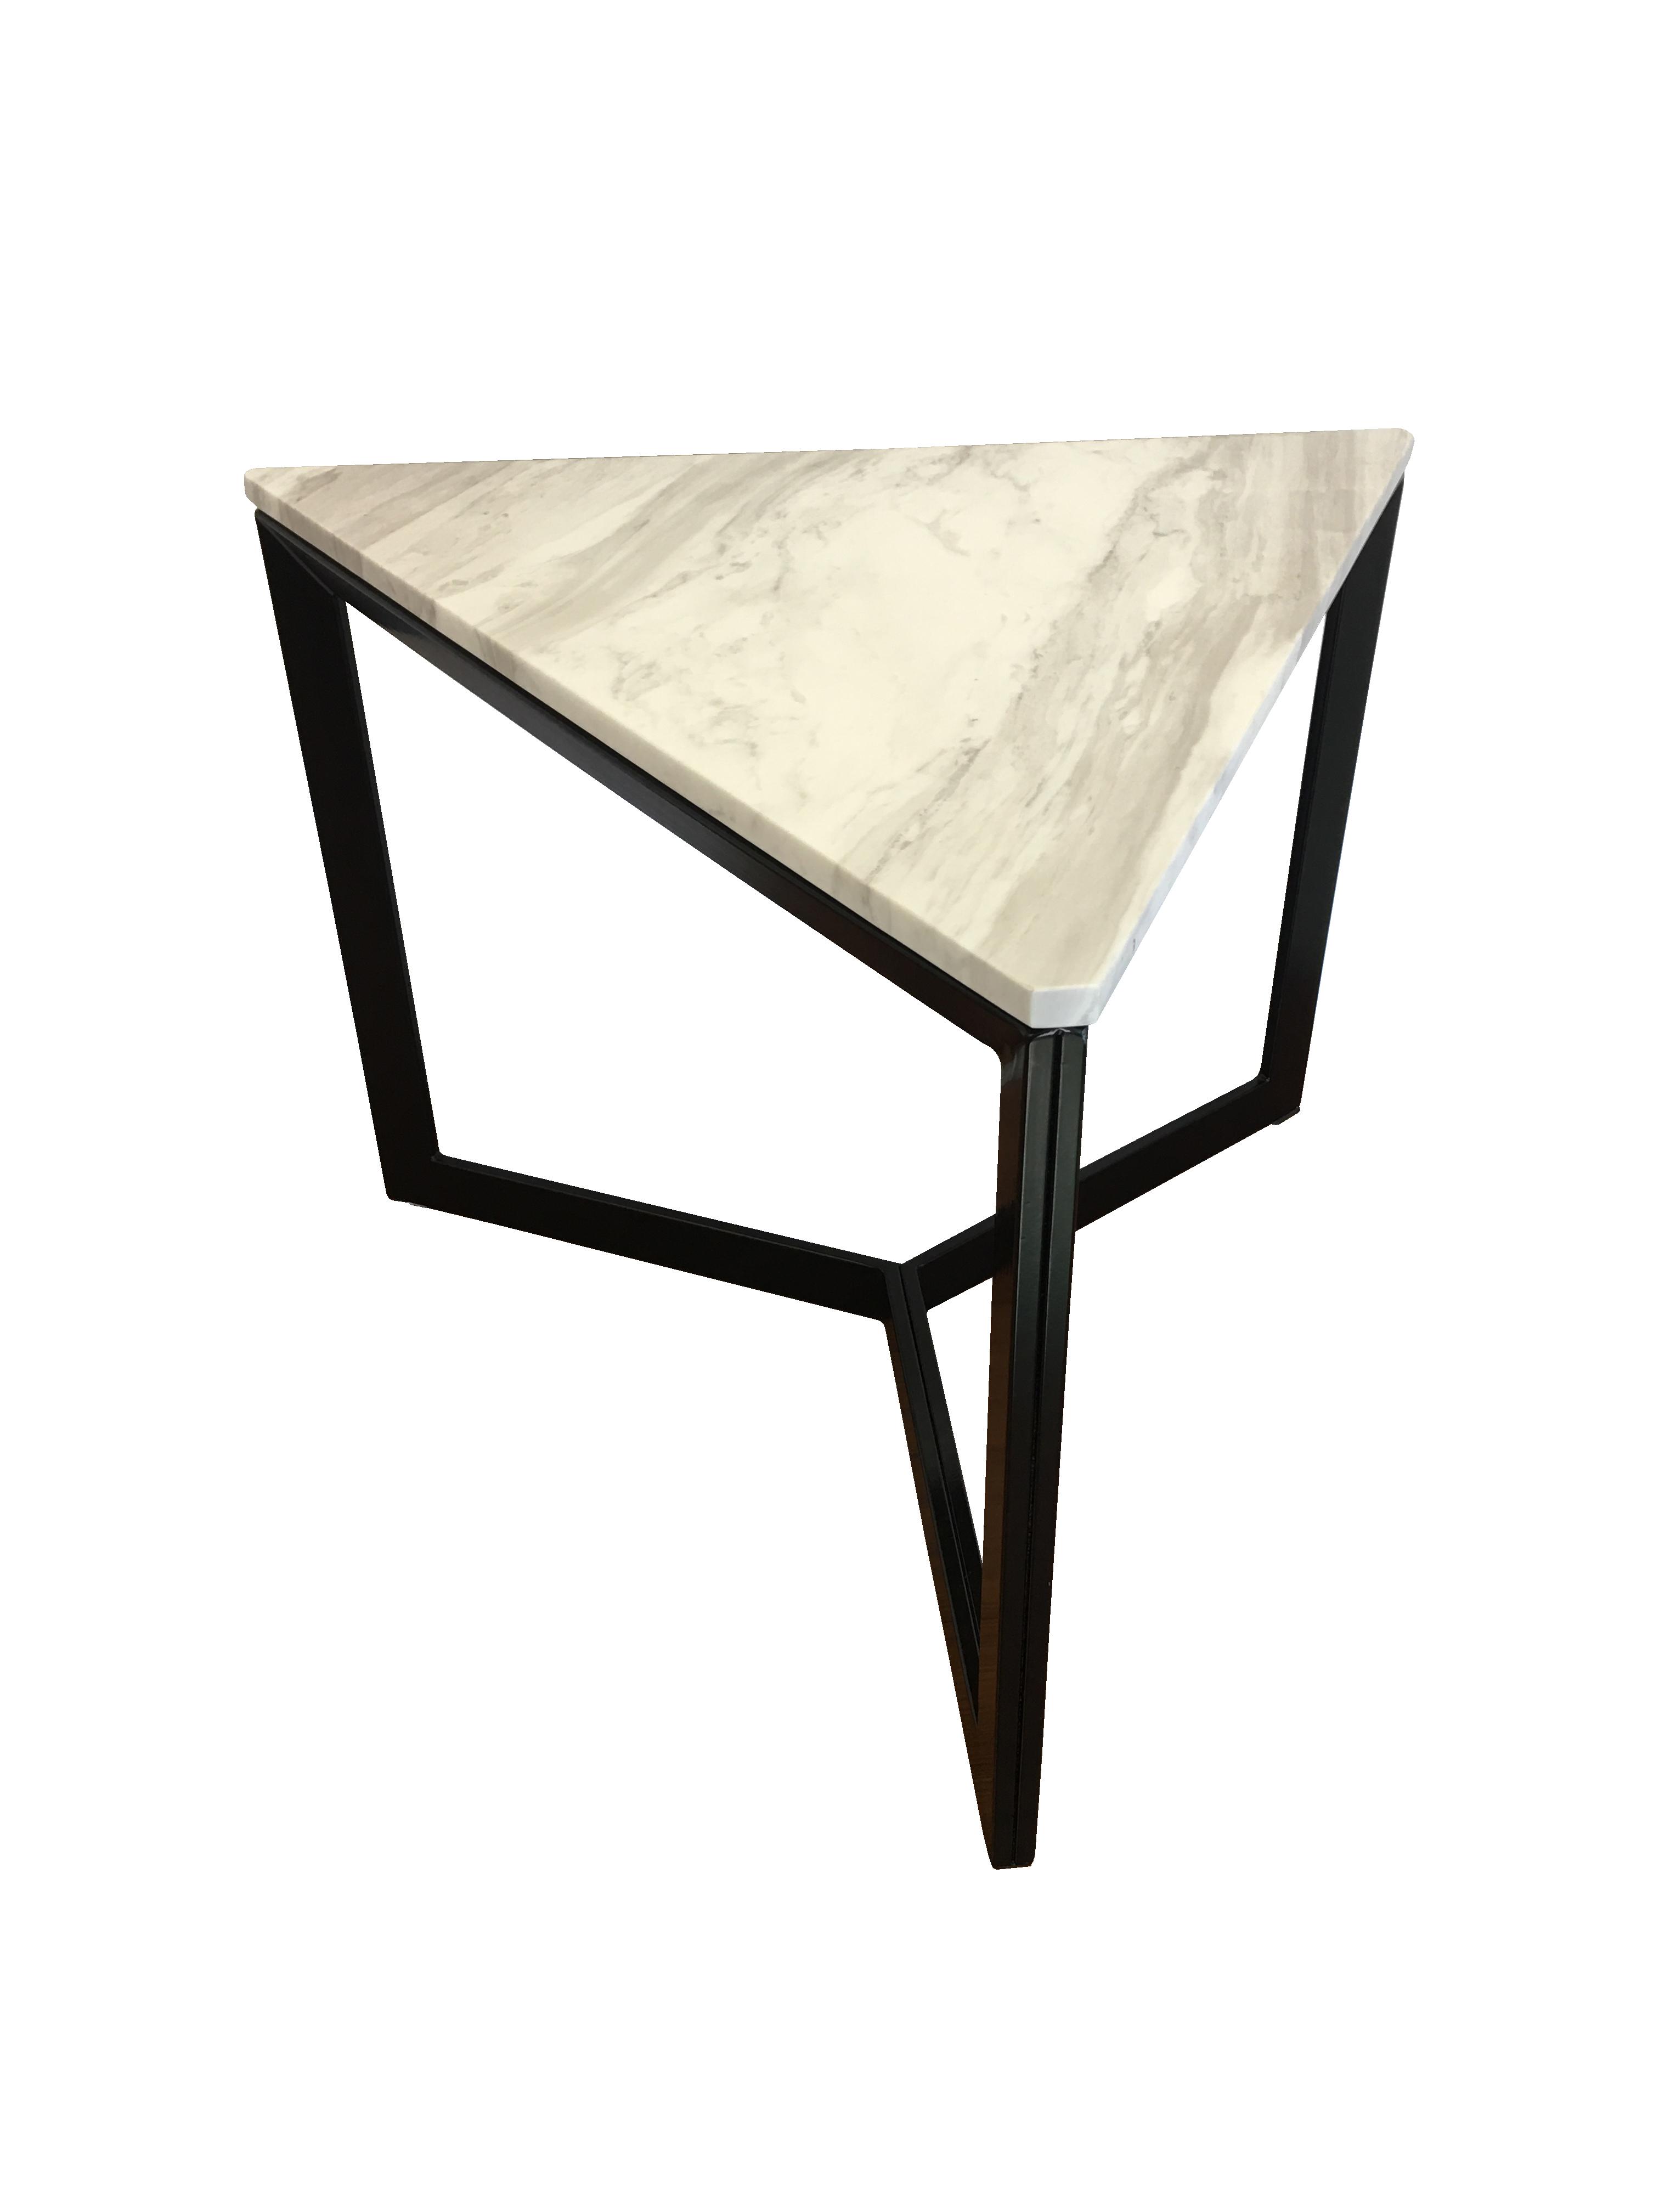 ローテーブル triangle マーブルのレンタル iroco design